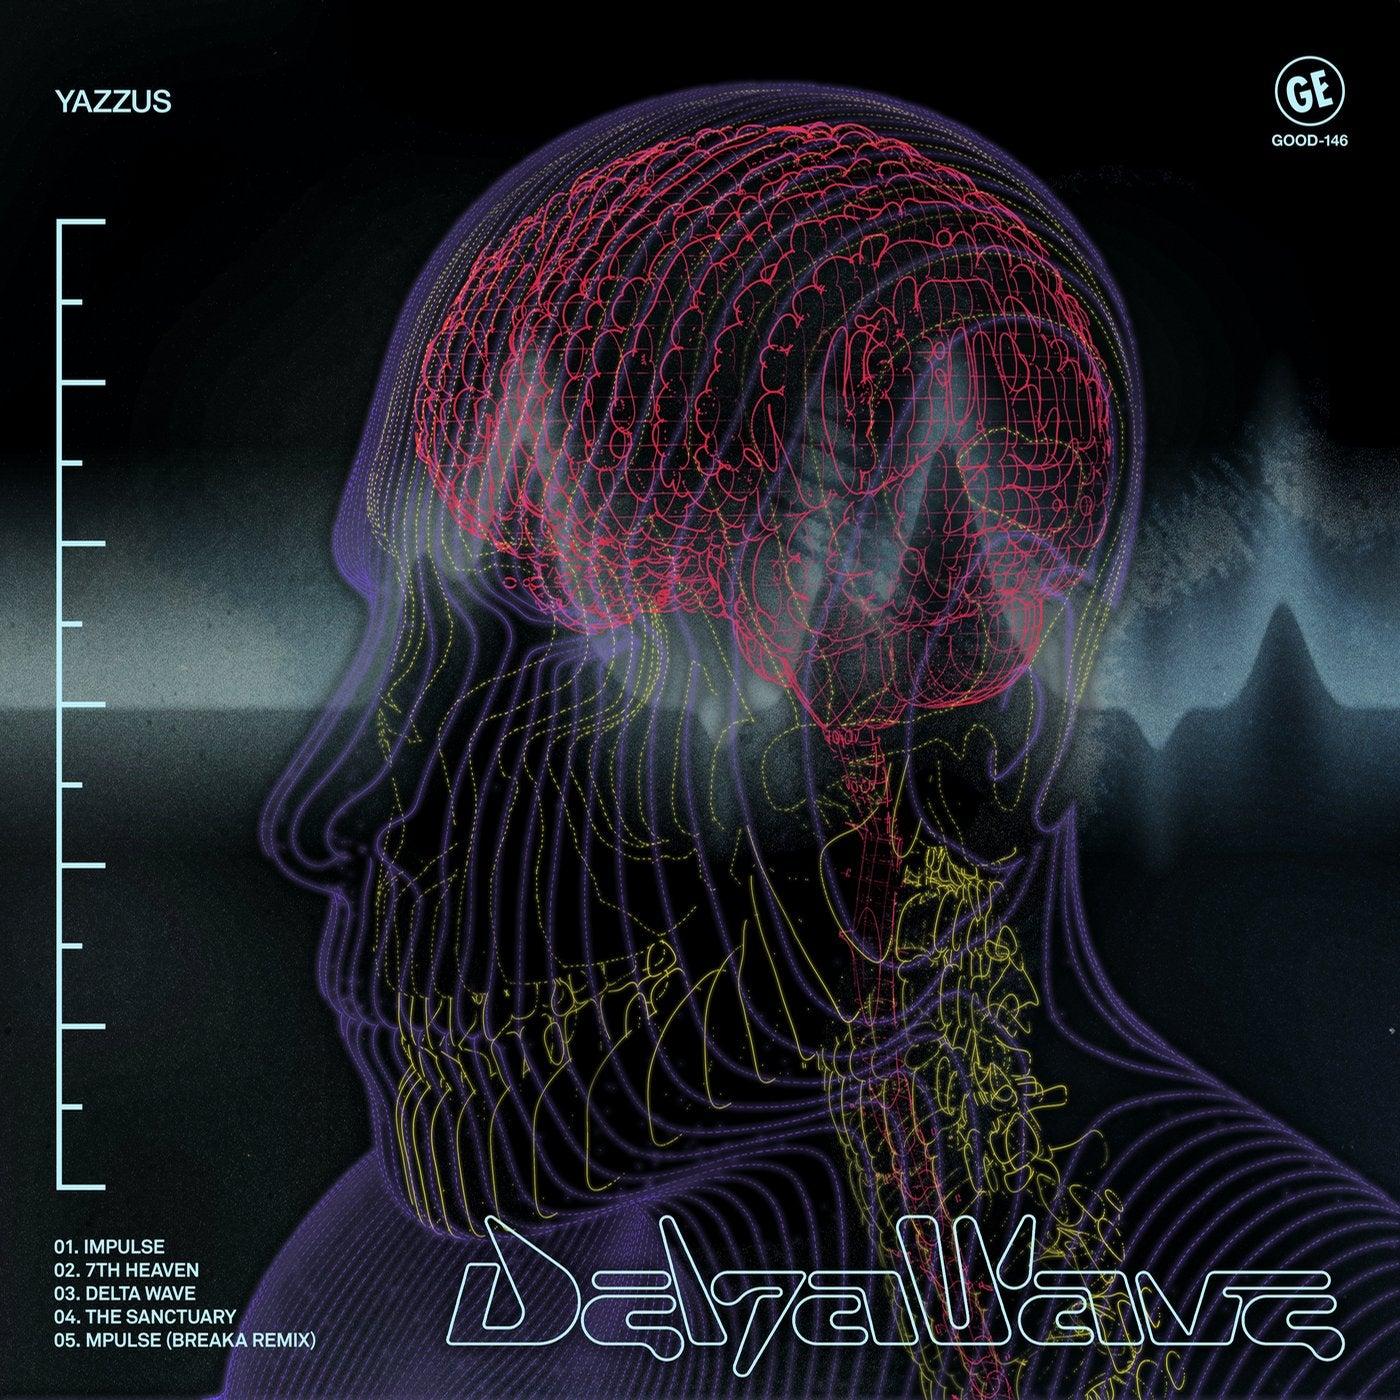 Delta Wave (Original Mix)